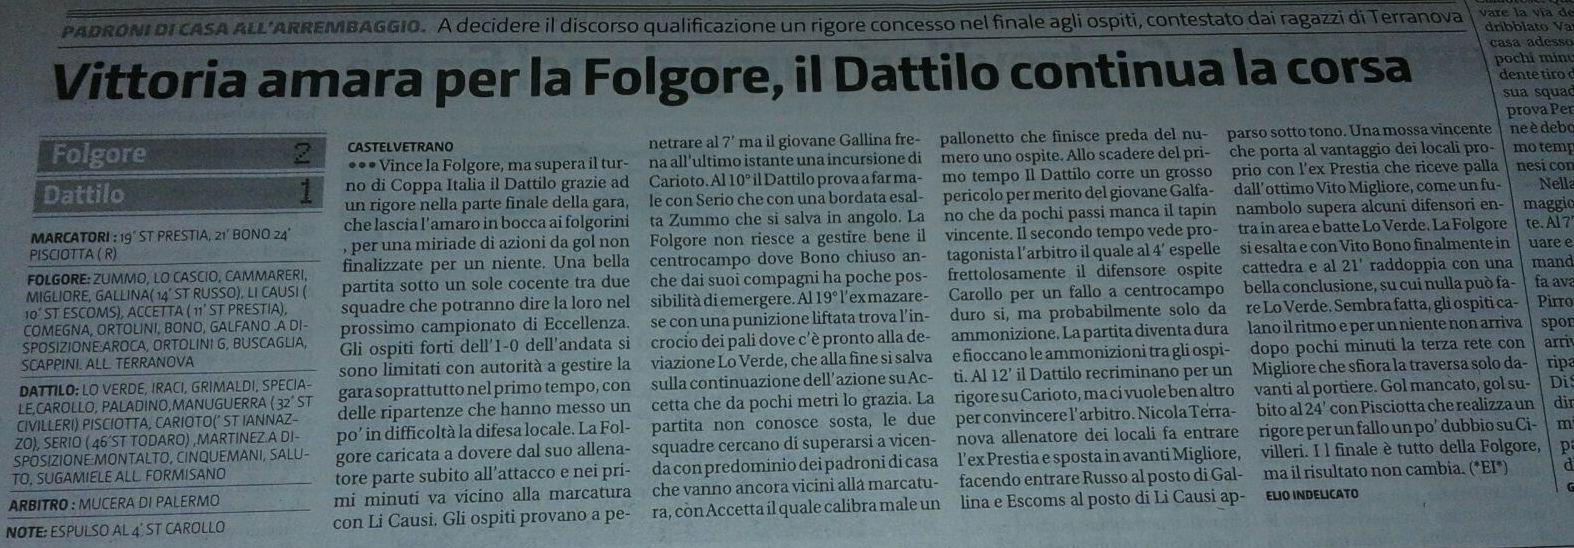 articolo di stampa - il Dattilo coninua la corsa